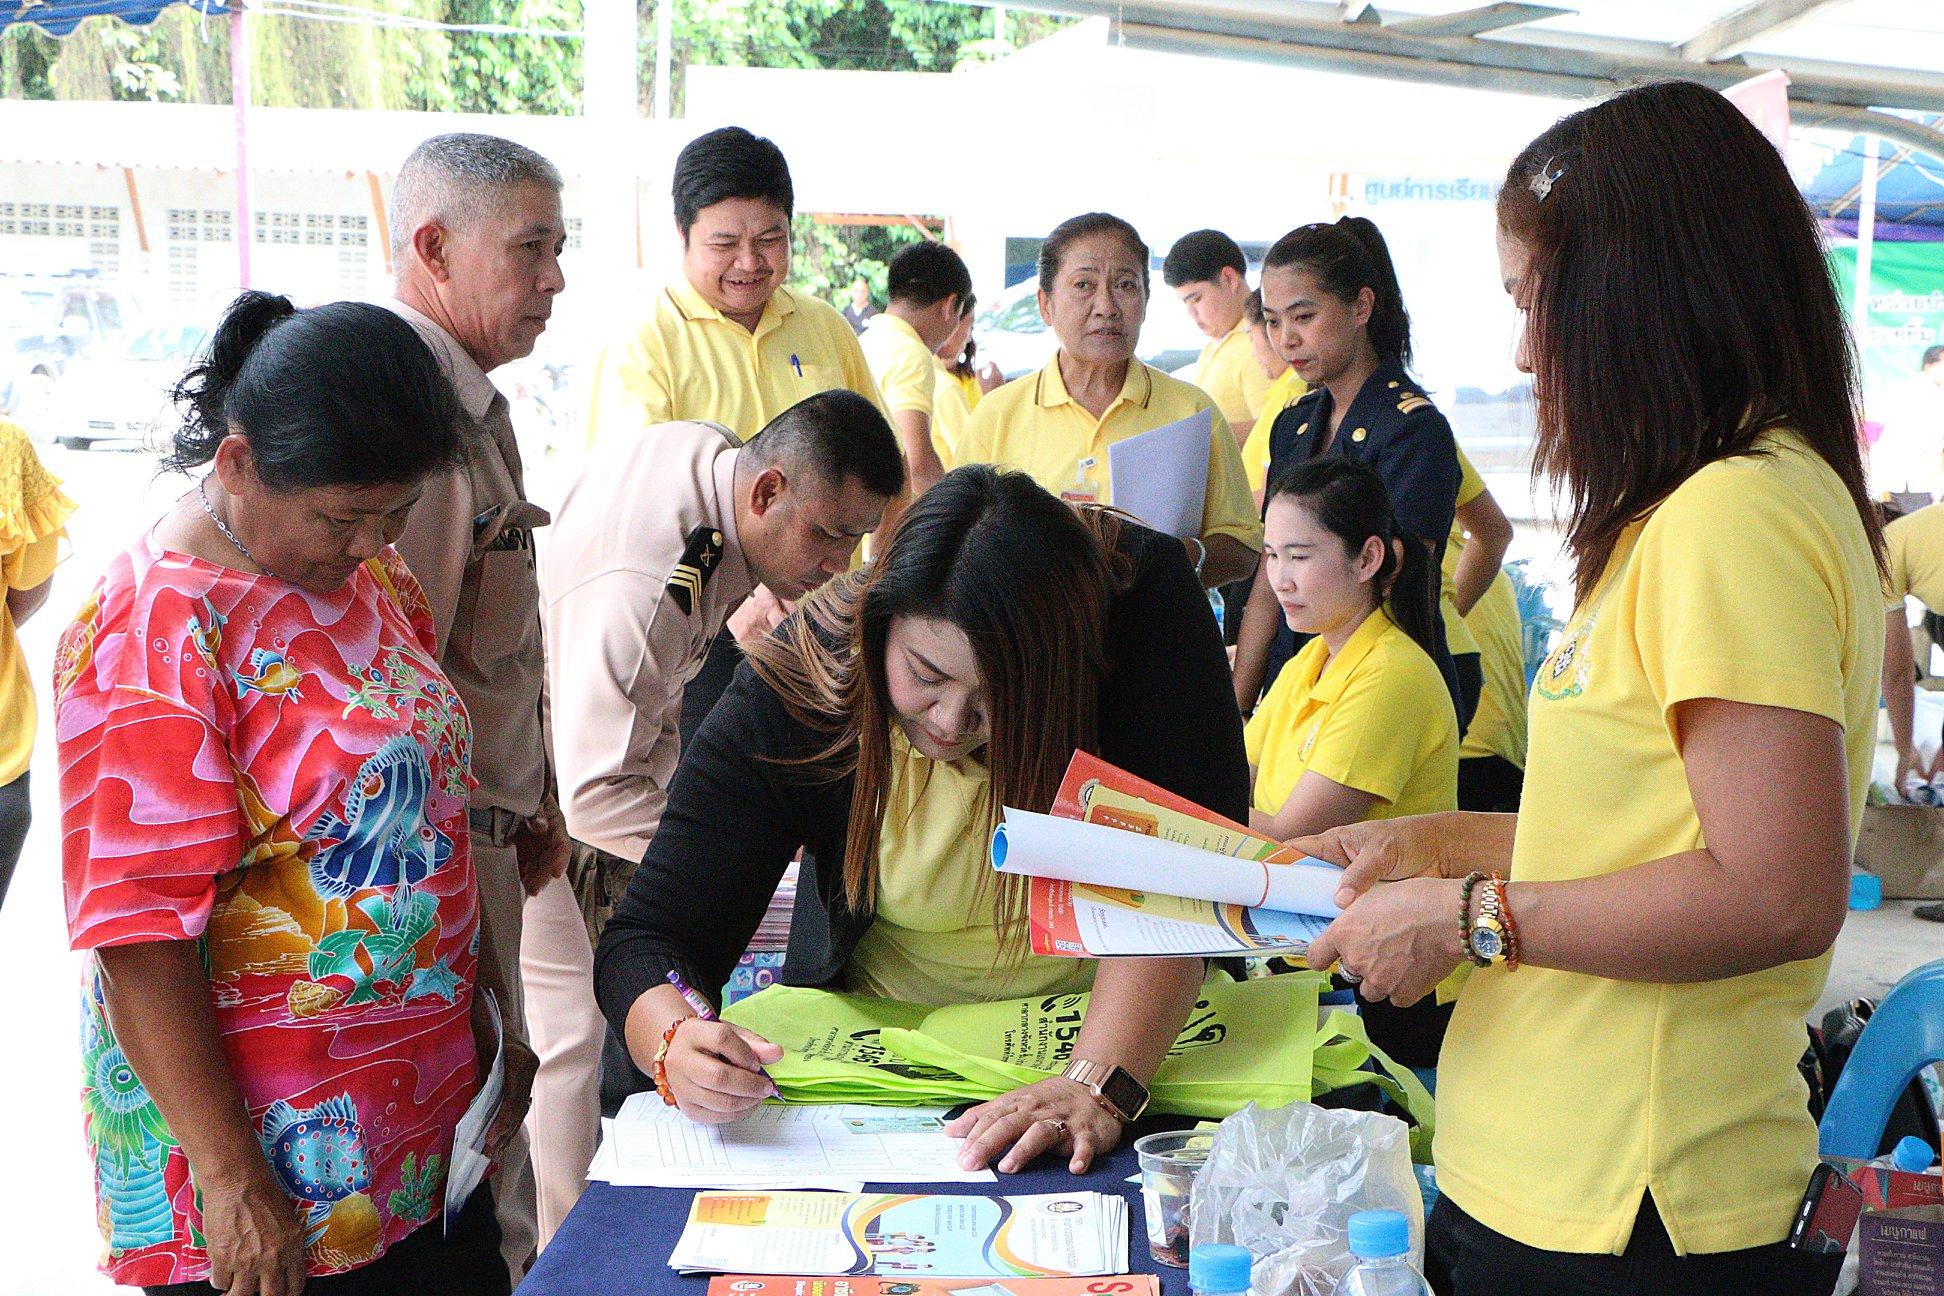 จังหวัดระยองจัดโครงการ หน่วยบำบัดทุกข์ บำรุงสุข สร้างรอยยิ้ม คืนความสุขให้ประชาชน ครั้งที่ 10/2562